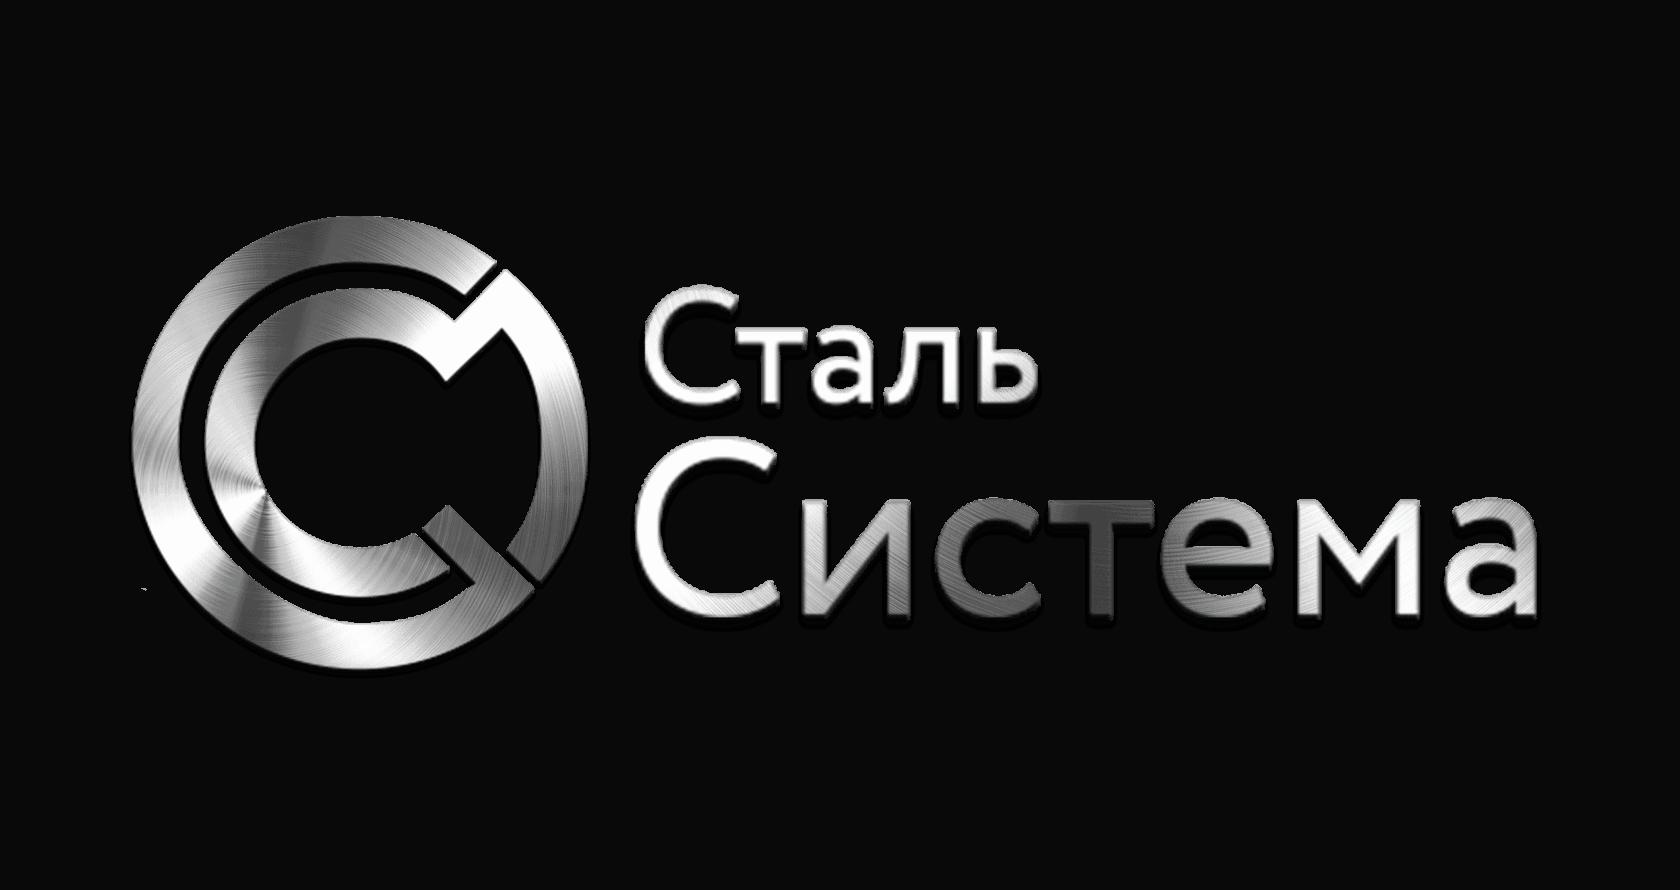 Сталь Система лого